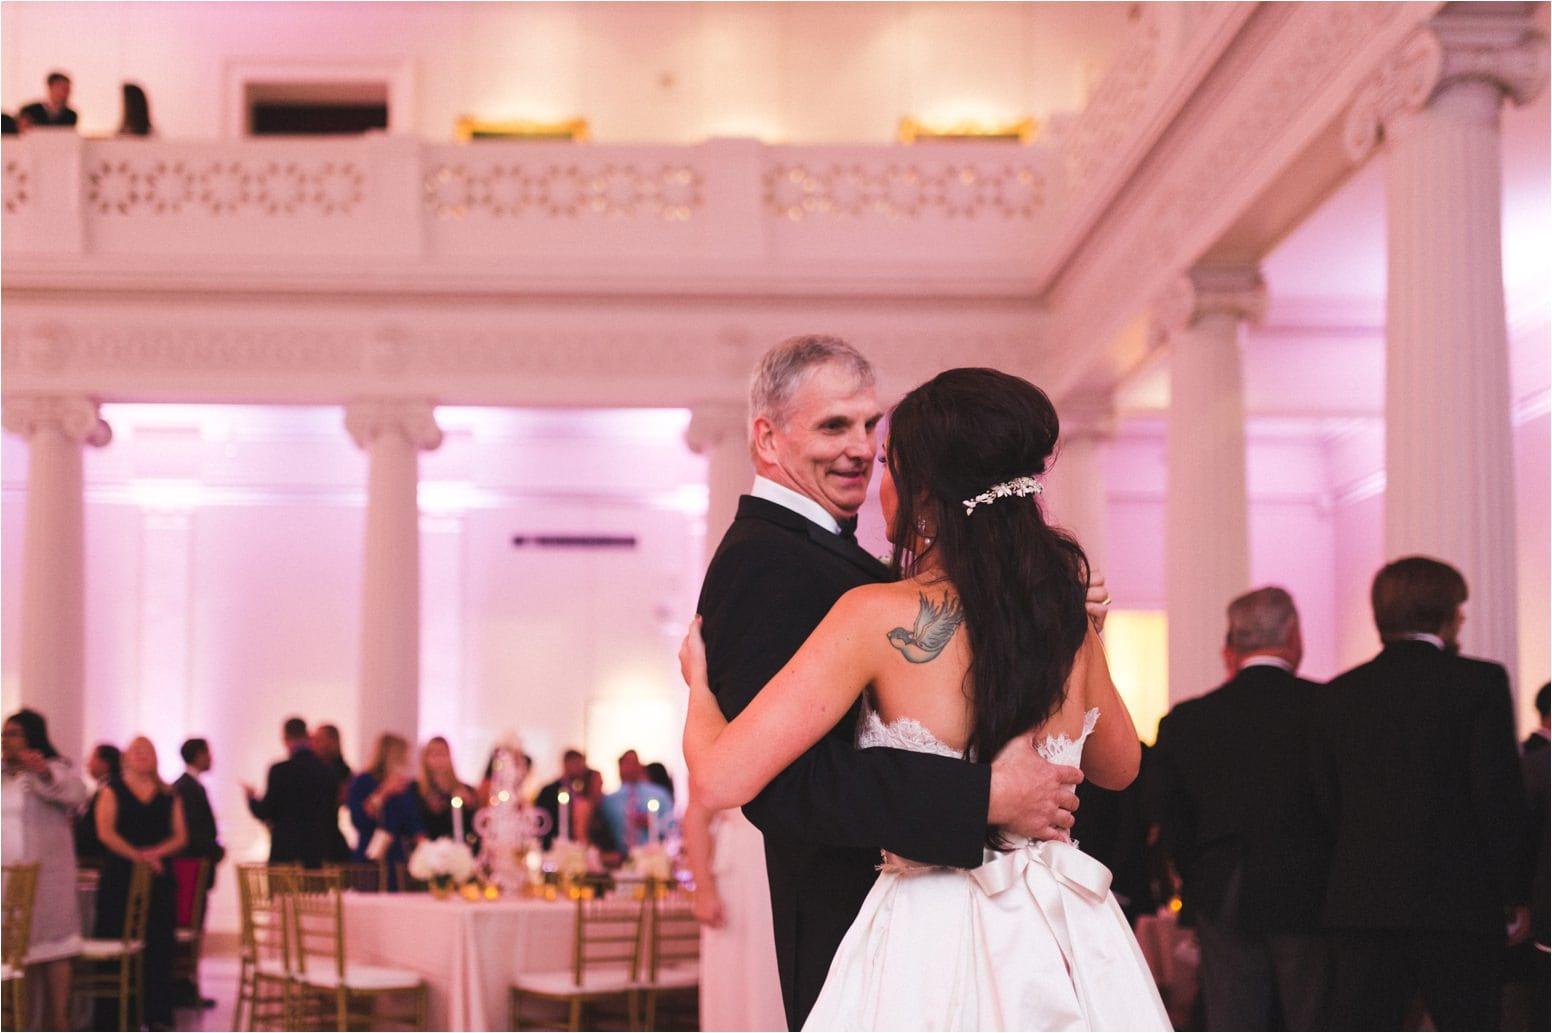 New Orleans Wedding Photographers - Dark RouxDark Roux | New Orleans ...